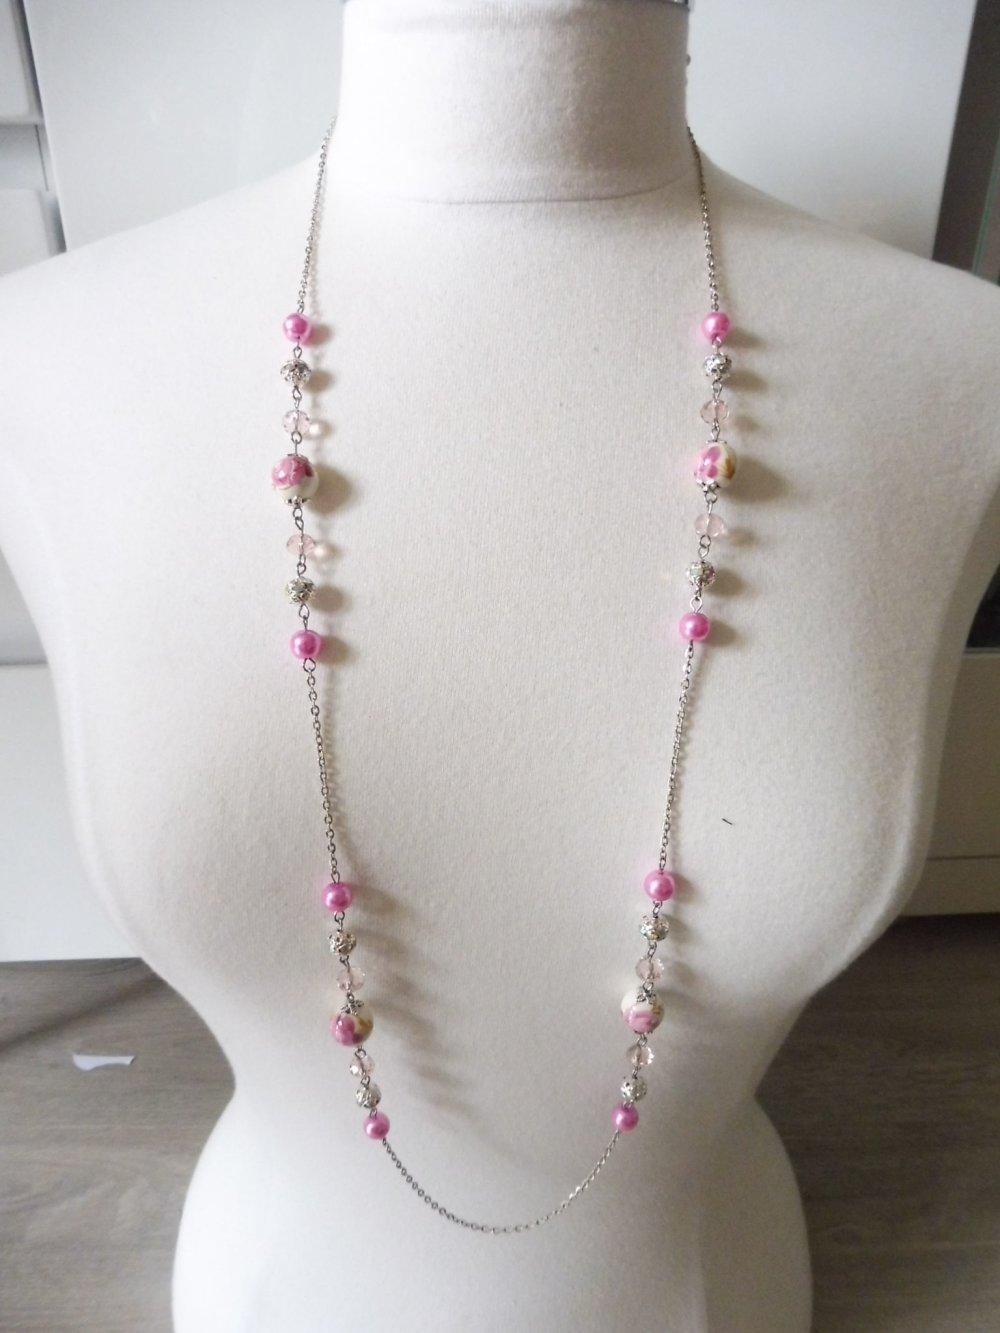 Parure rose clair sautoir et boucles d'oreilles assortis perles porcelaine, bijoux rose